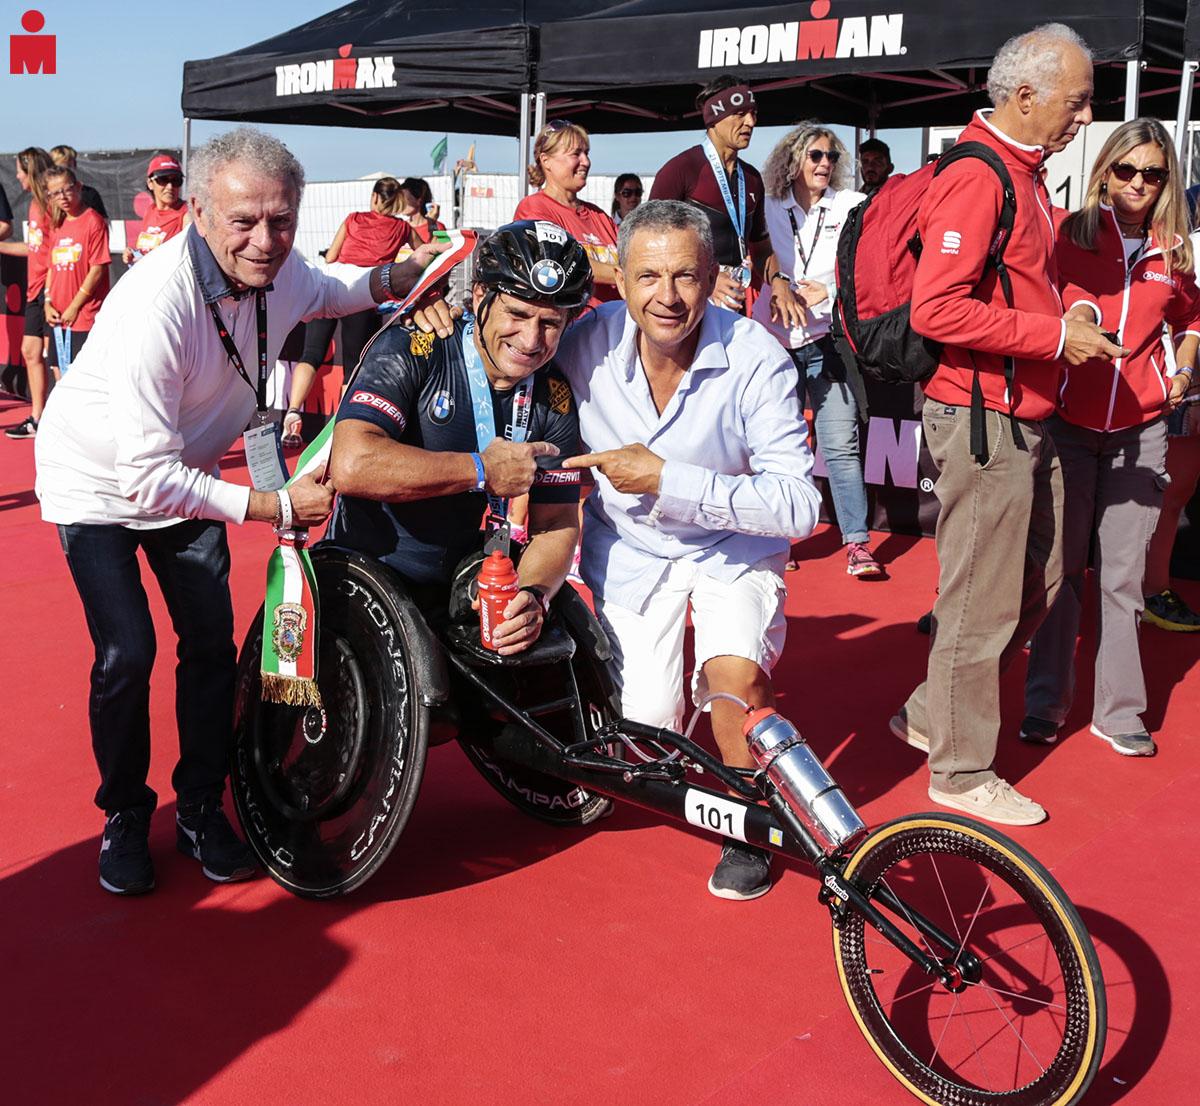 All'Ironman Italy Emilia Romagna partecipa anche Alex Zanardi vincendo due titoli